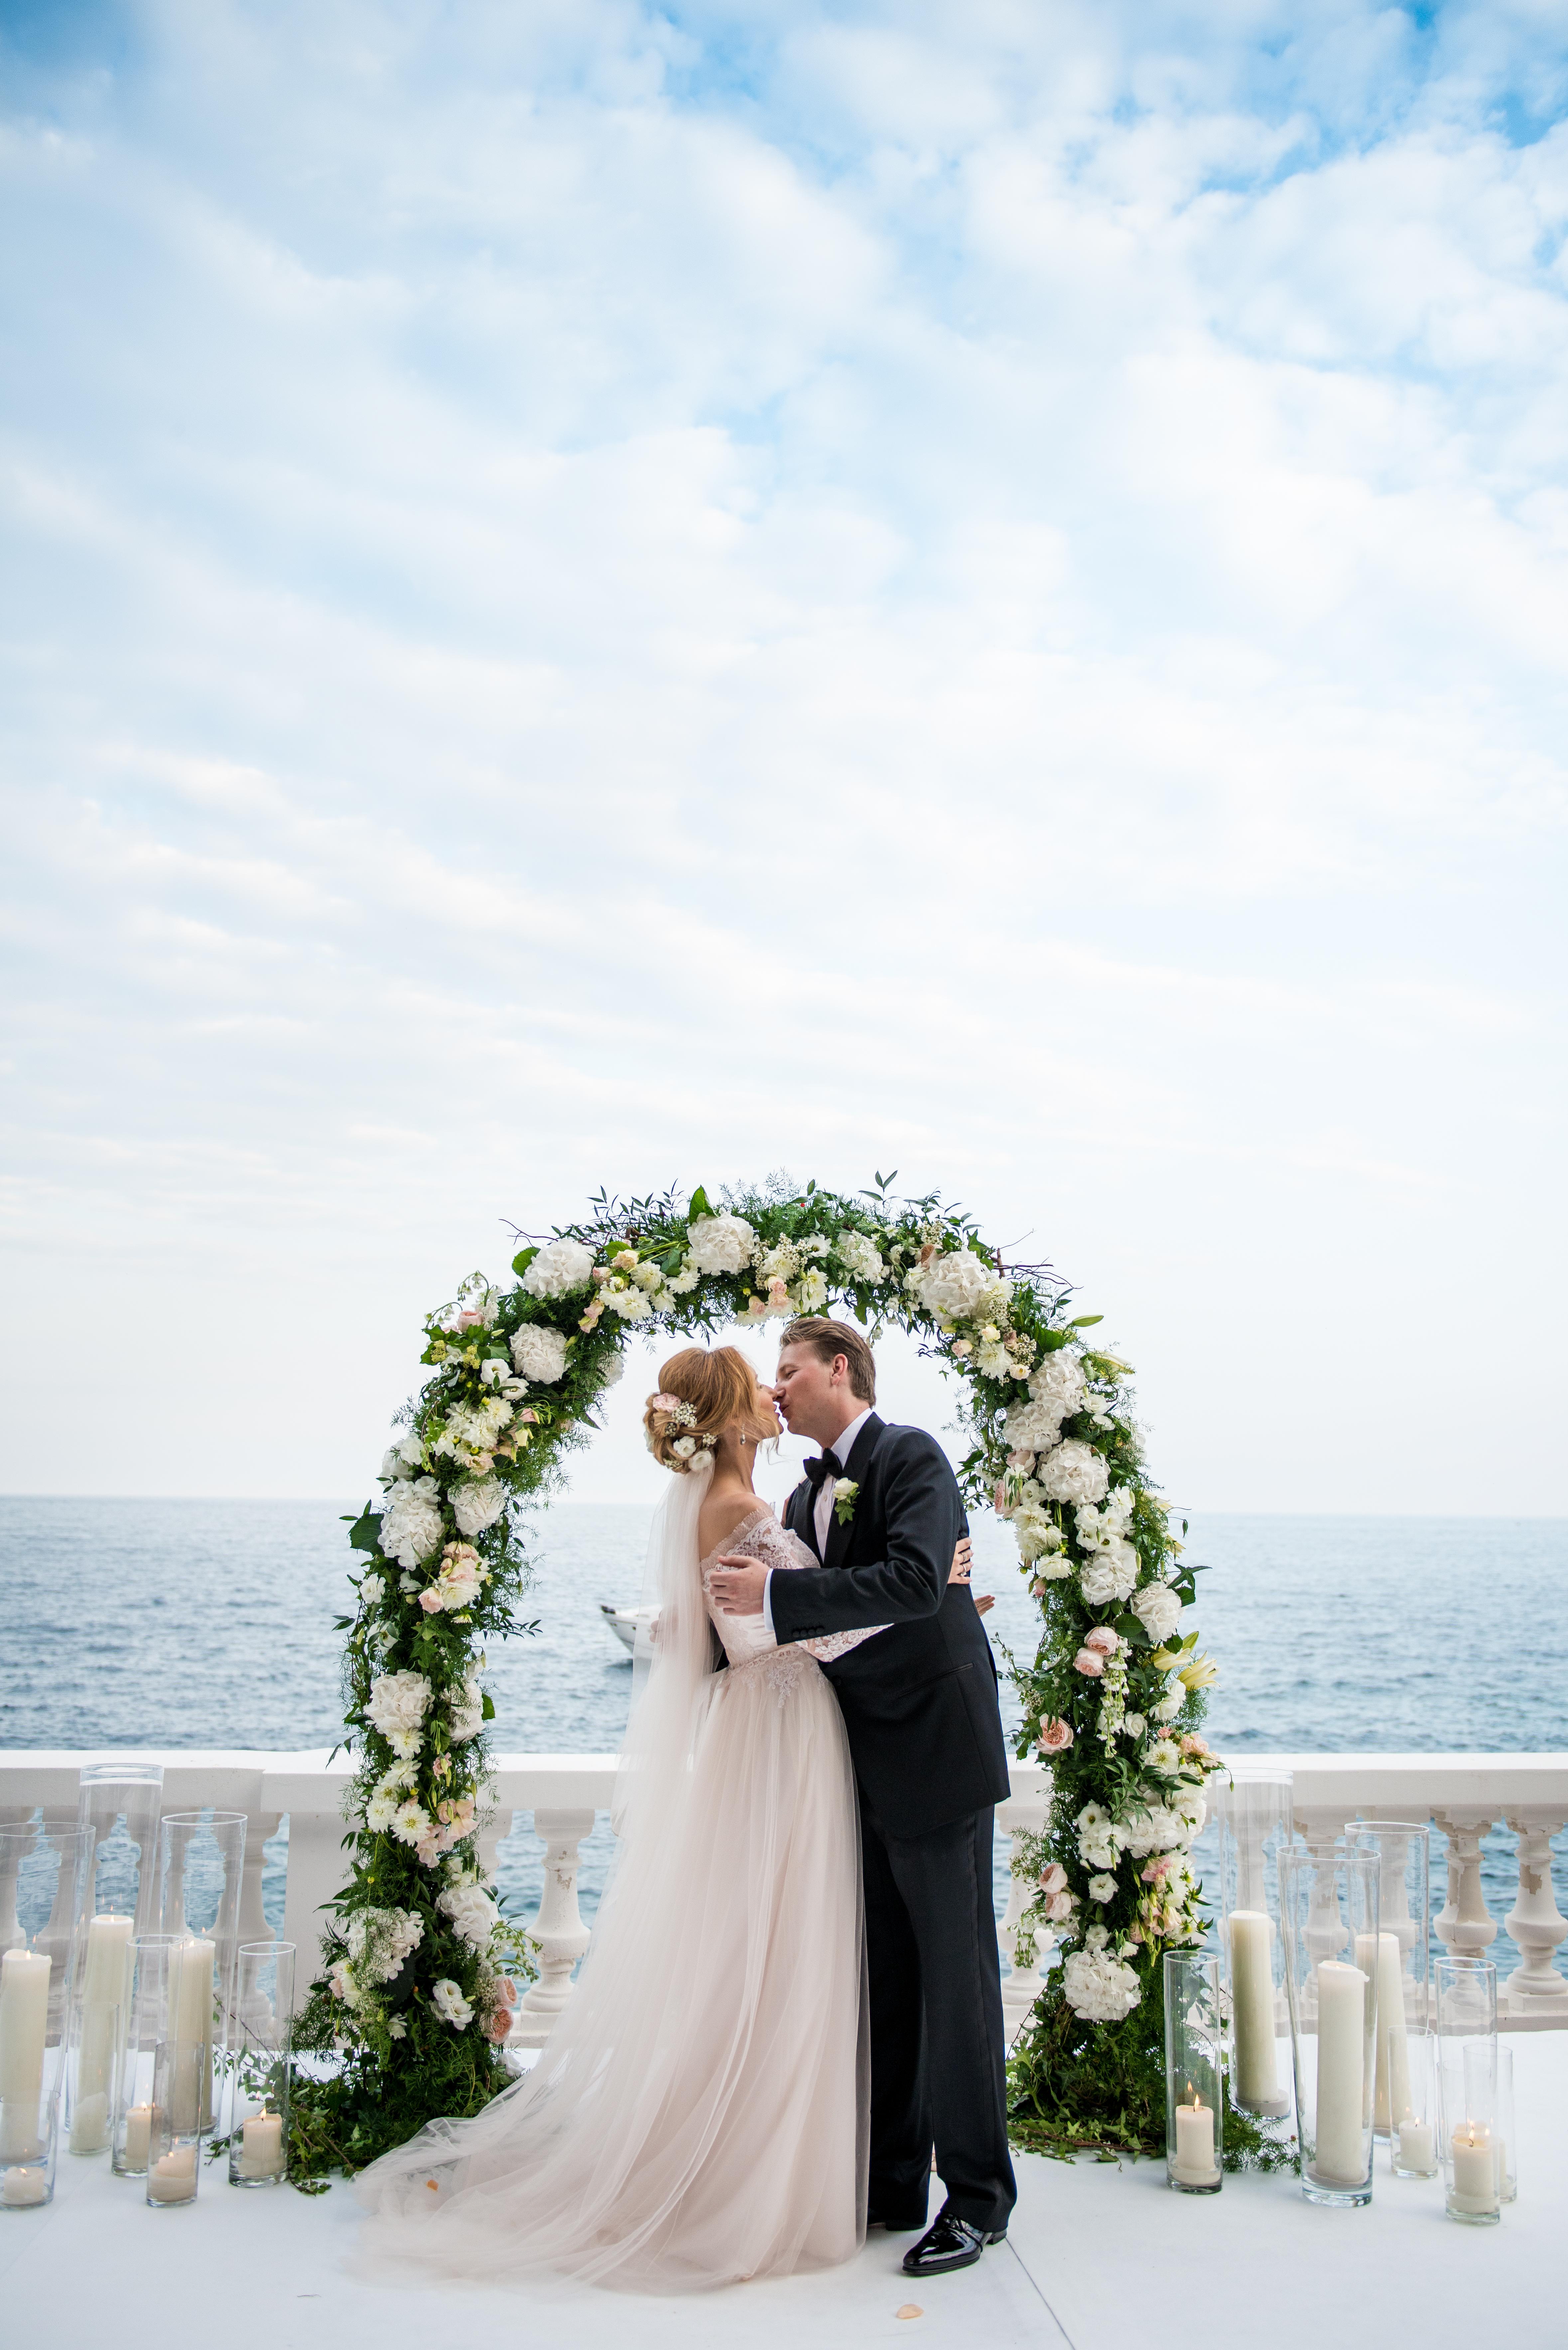 NV-Cap-Estel-Mariage-Wedding-047